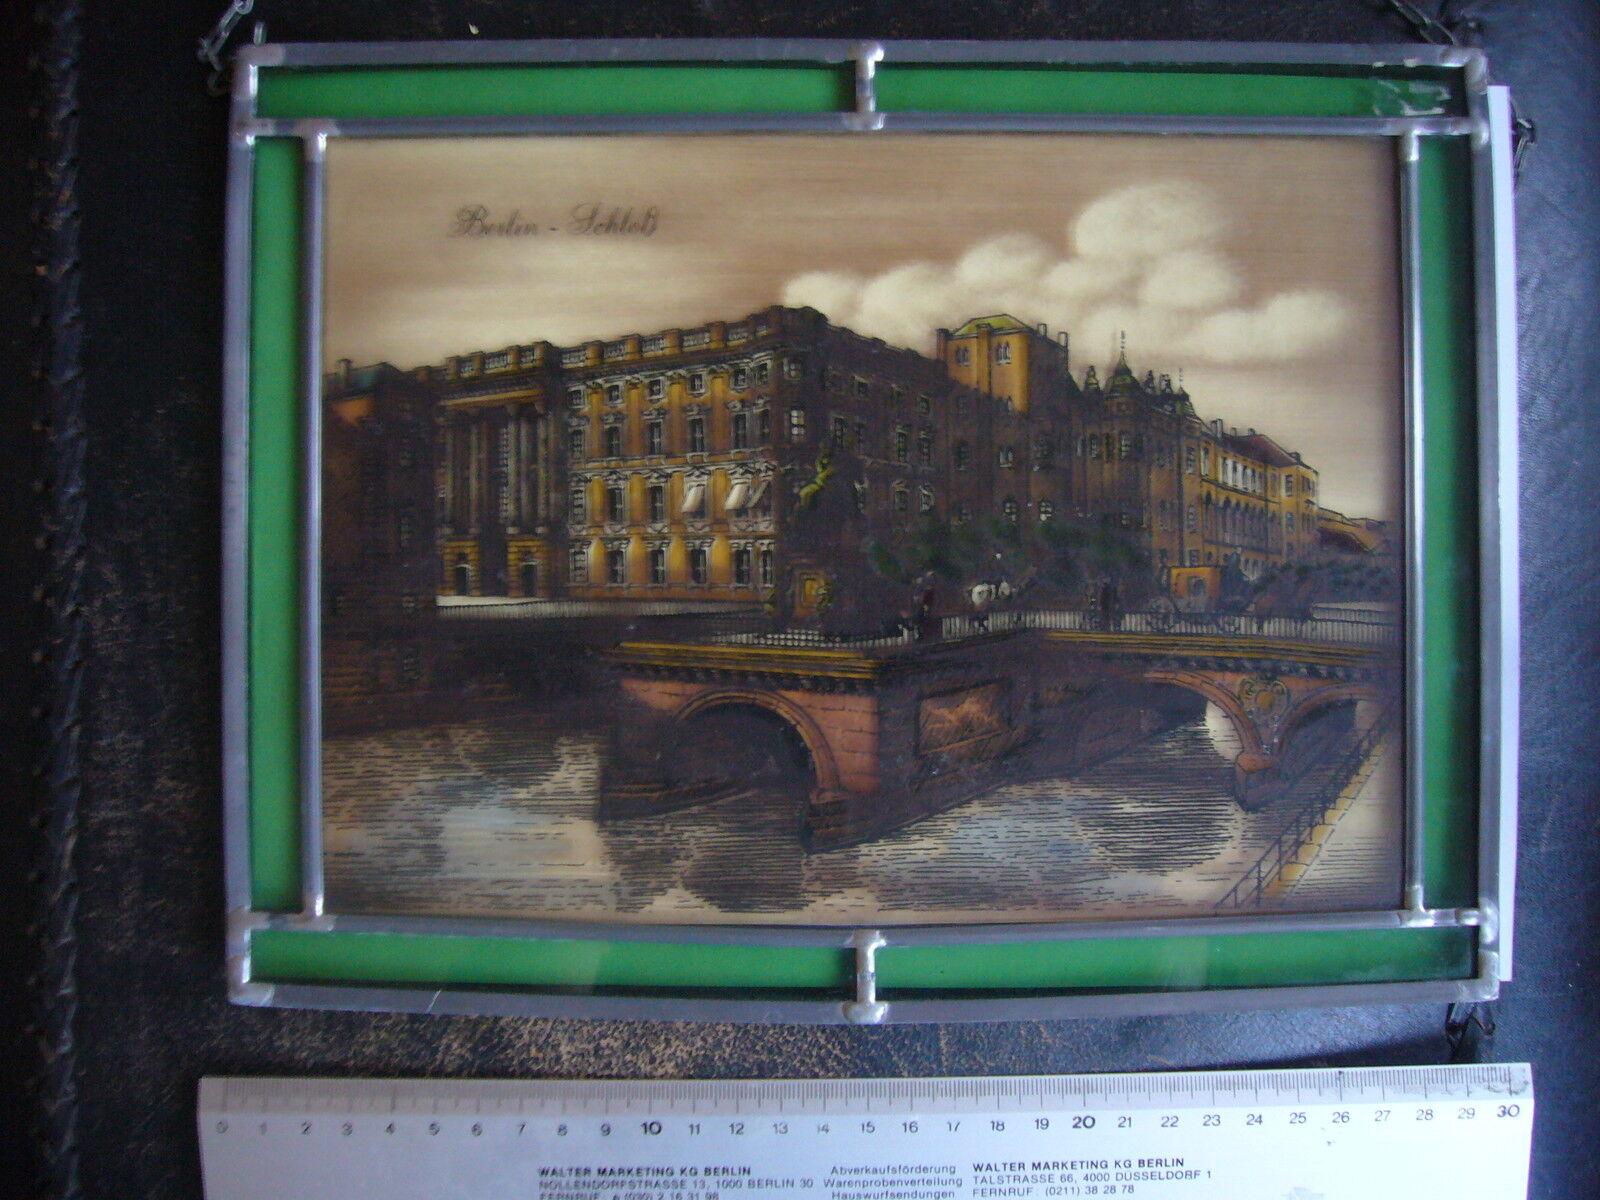 Glasbild Berliner Stadtschloss Applika Glasmanufaktur 28  22 cm